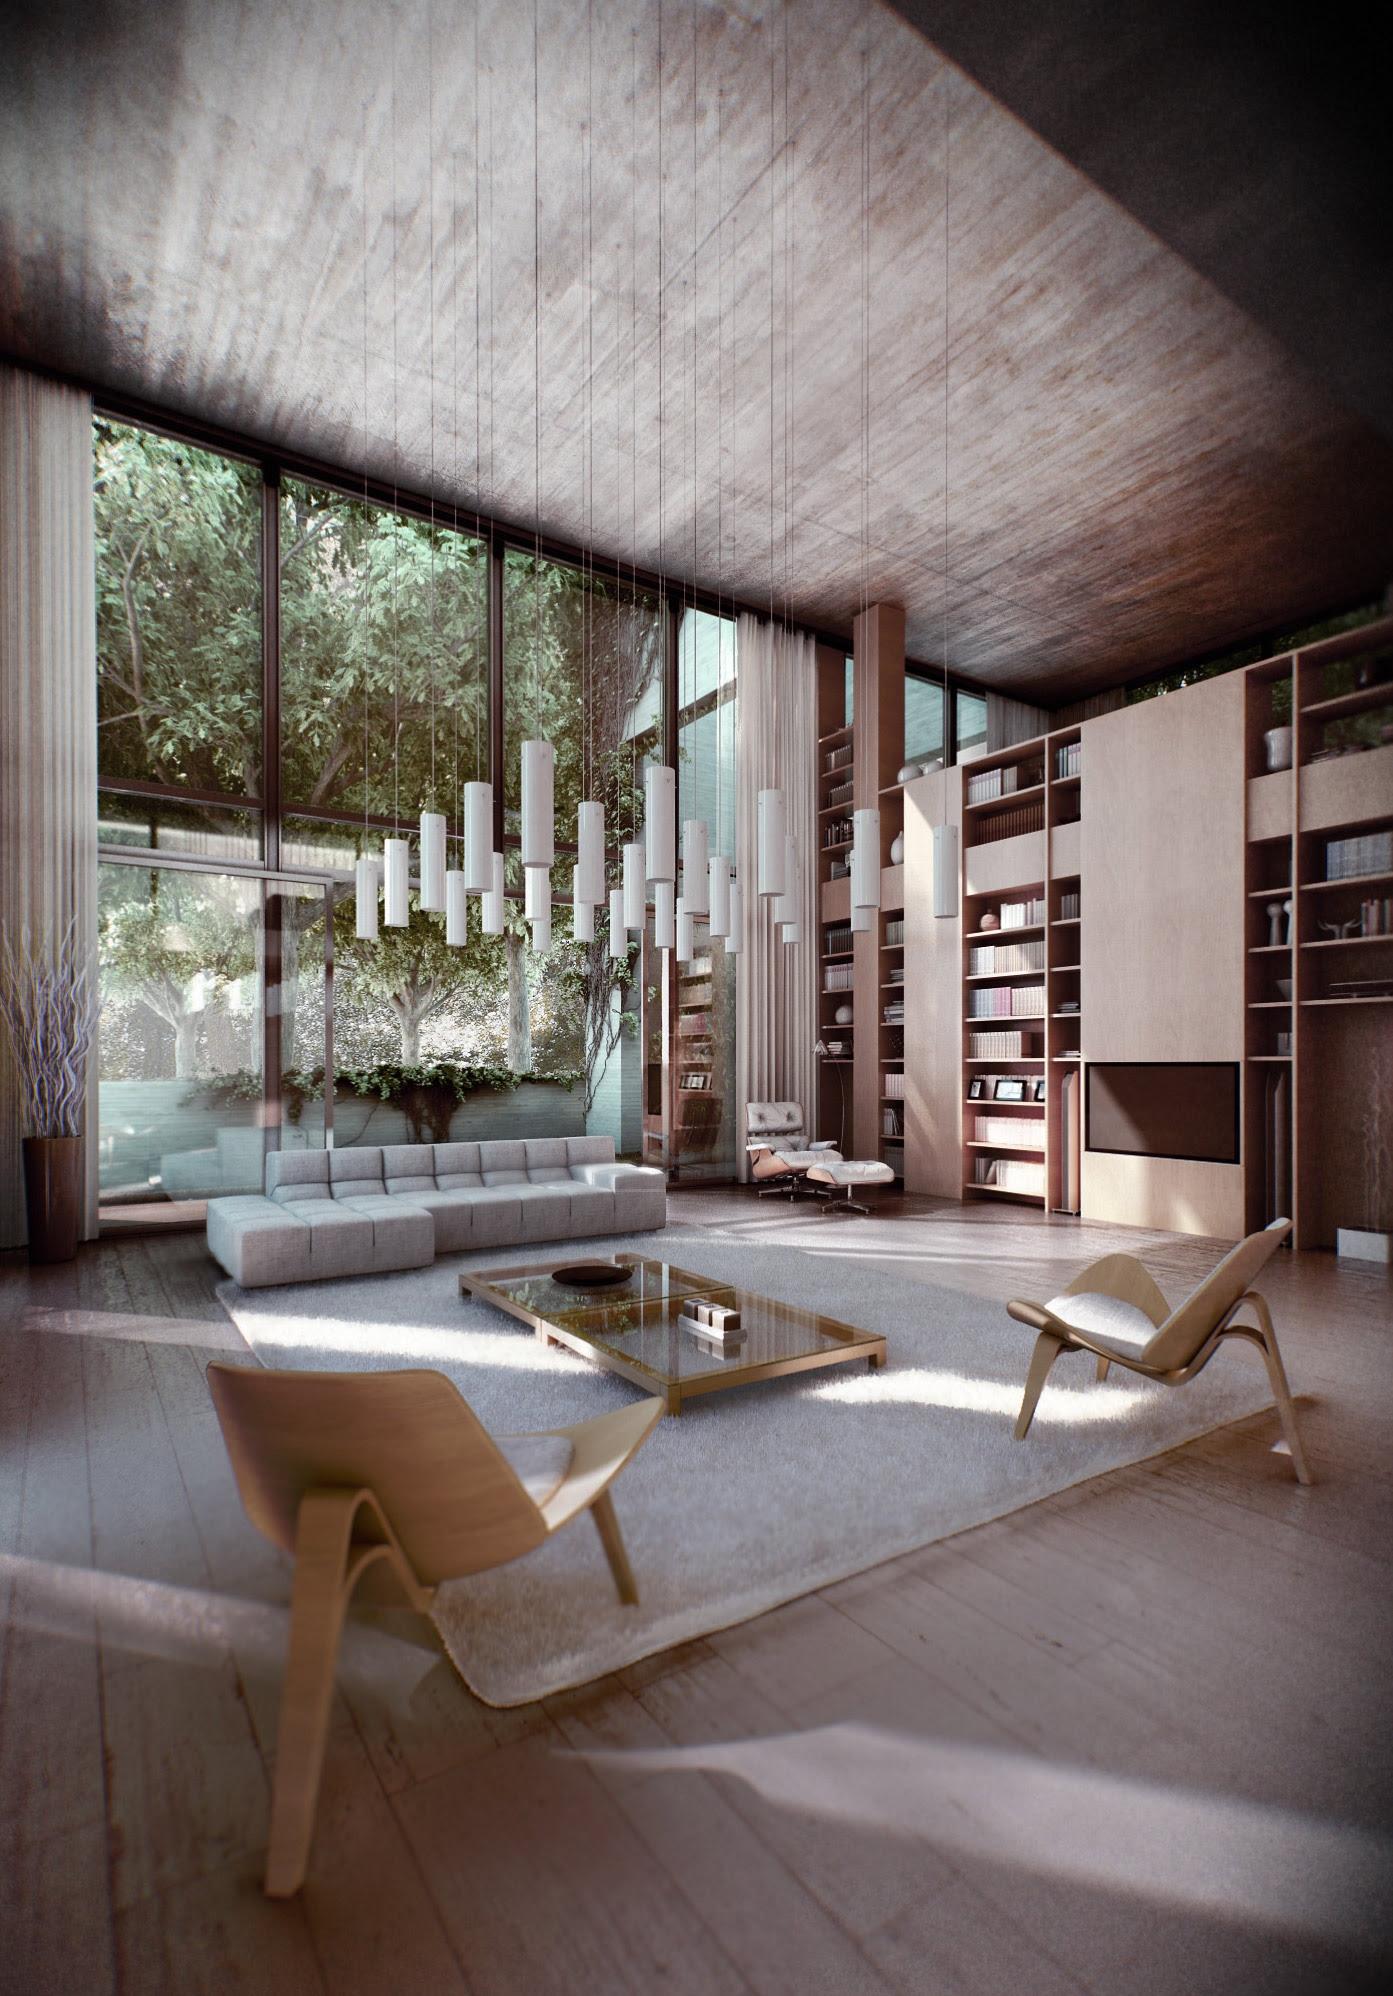 Random Living Room Inspiration